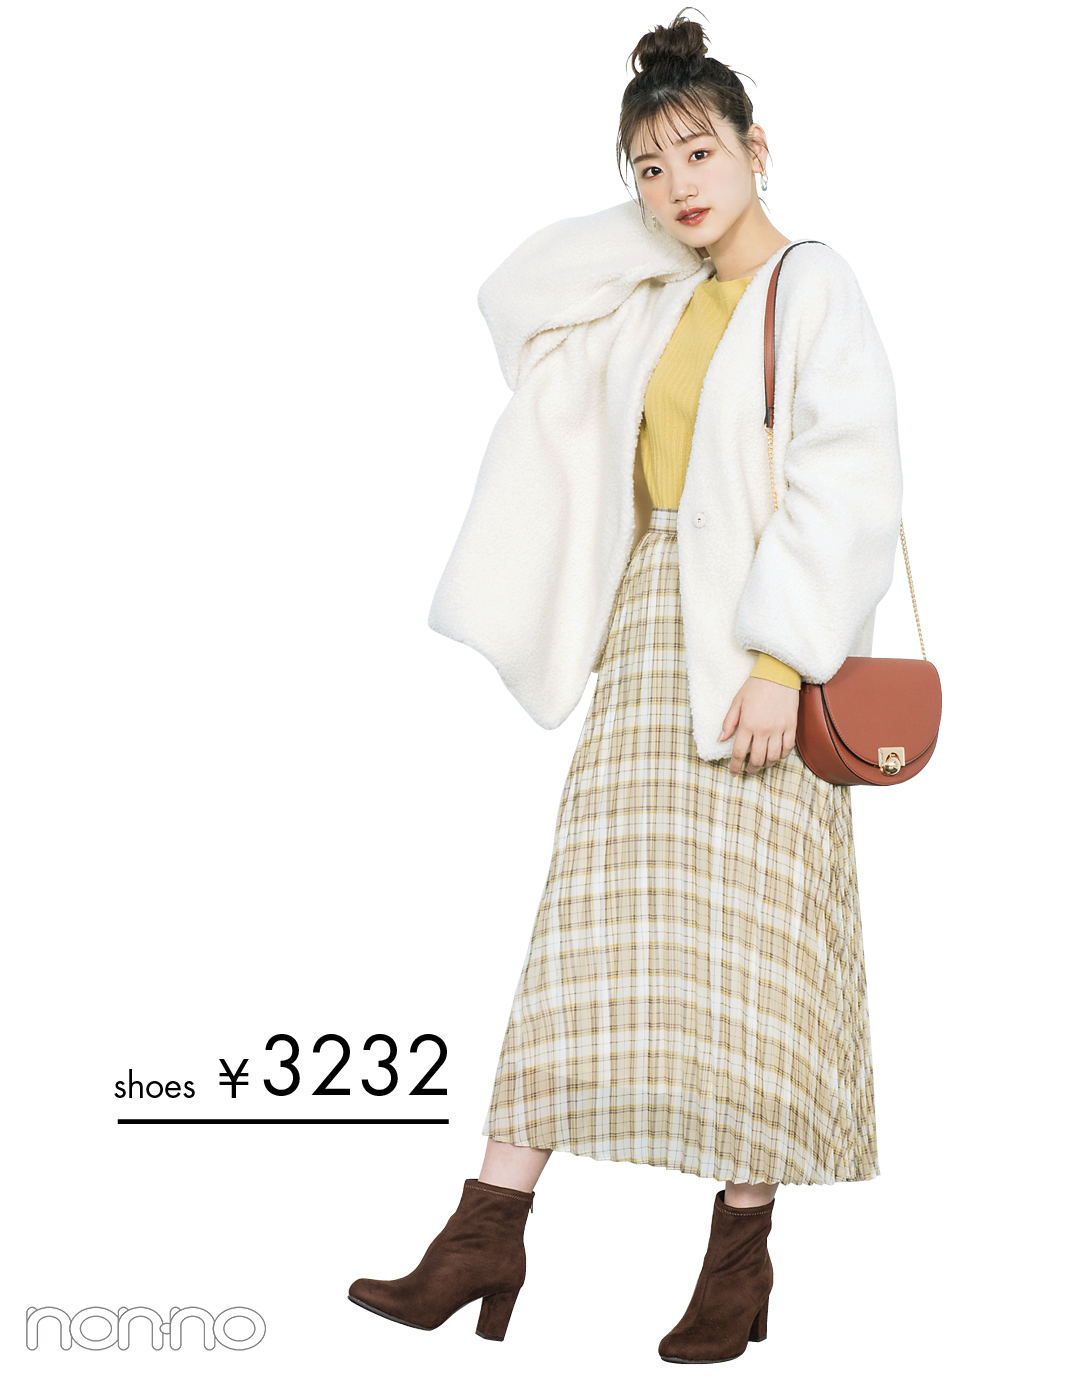 shoes ¥3232